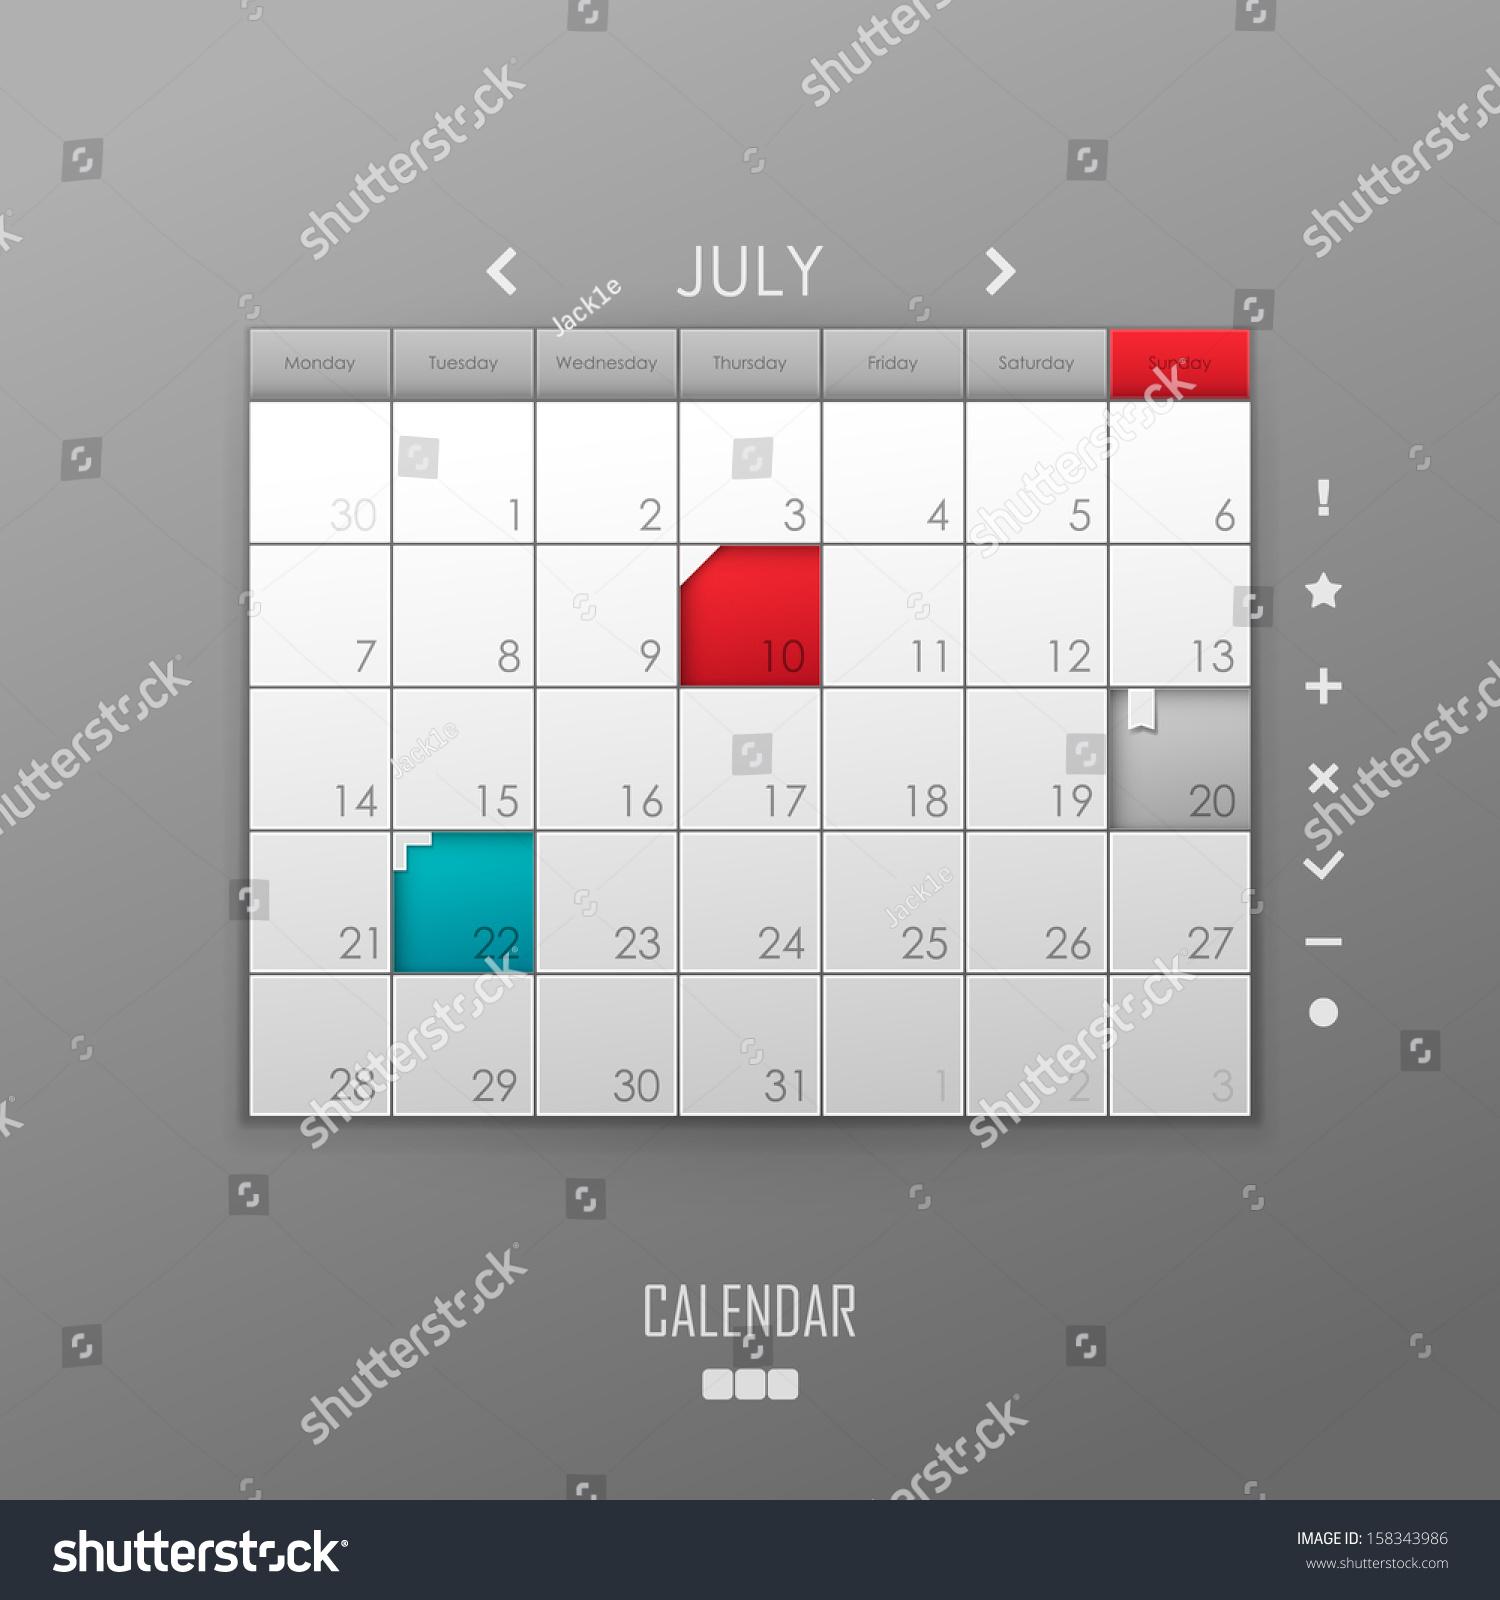 Calendar Typography Vector : Vector calendar template design stock